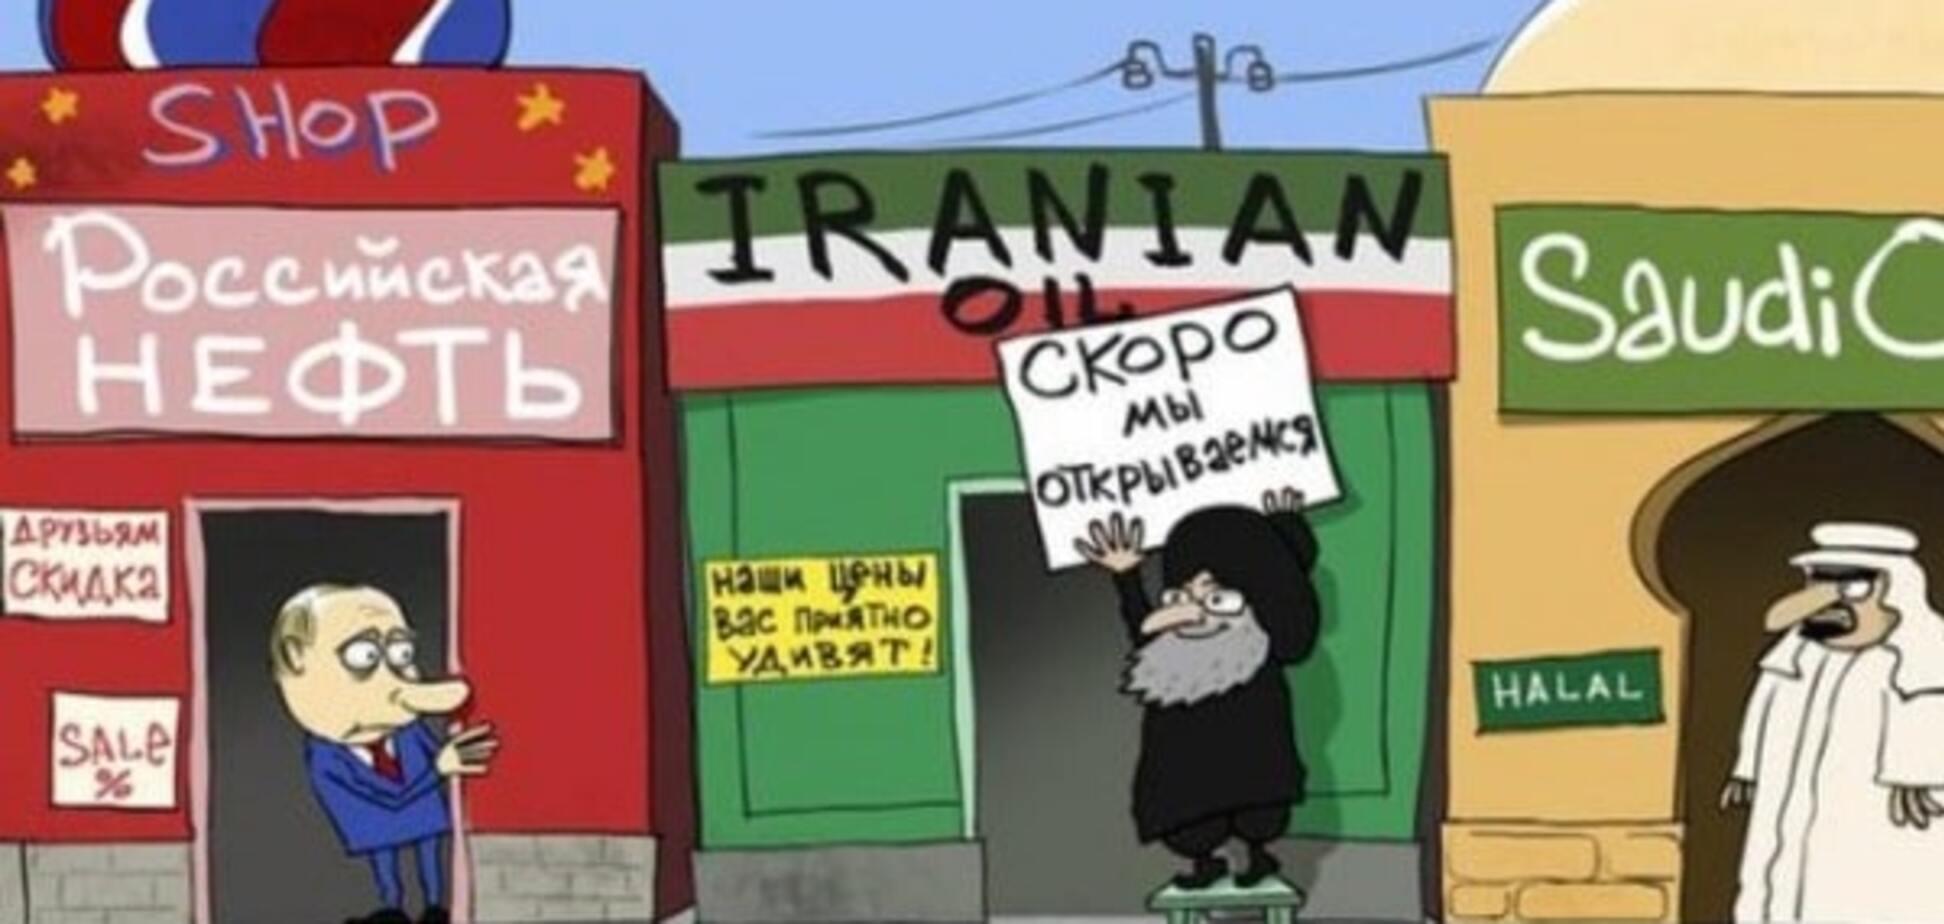 Карикатурист высмеял Путина, торгующего нефтью: фотофакт